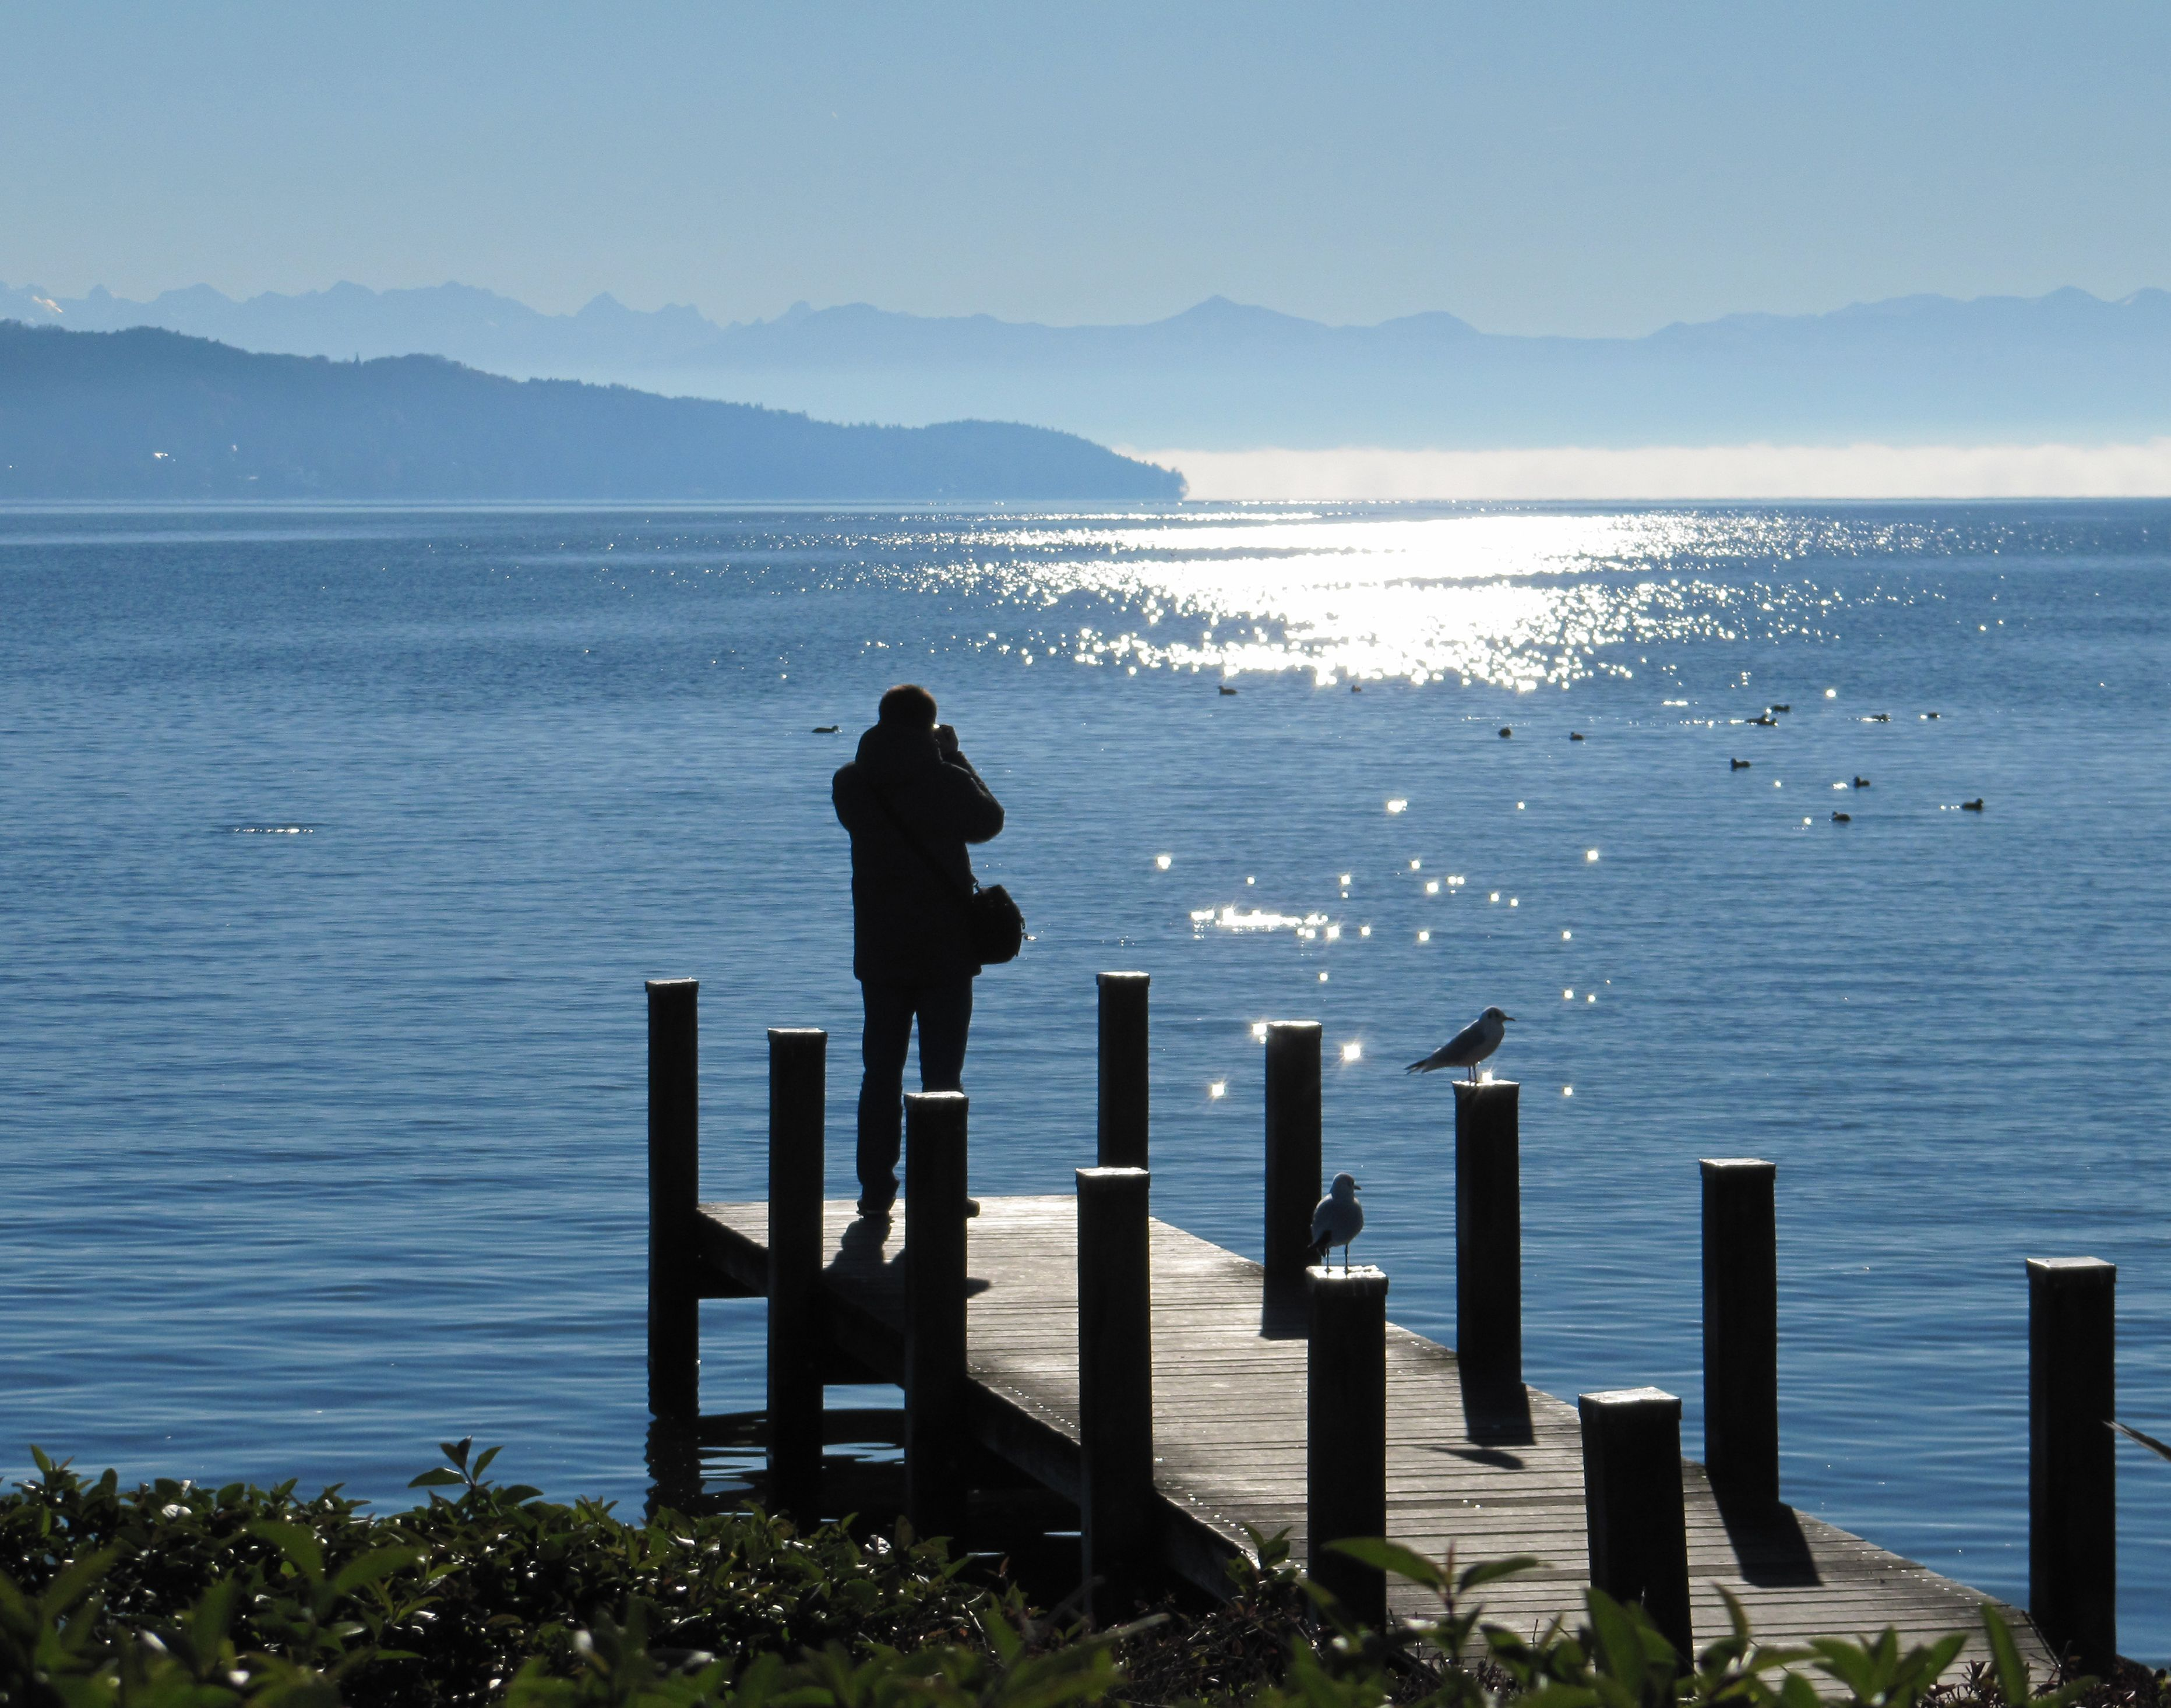 Novembersonne Am Starnberger See Ein Fotograf Nutzt Das Gute Wetter An Einem Spatherbsttag Starnberger See Urlaub Bayern Urlaub